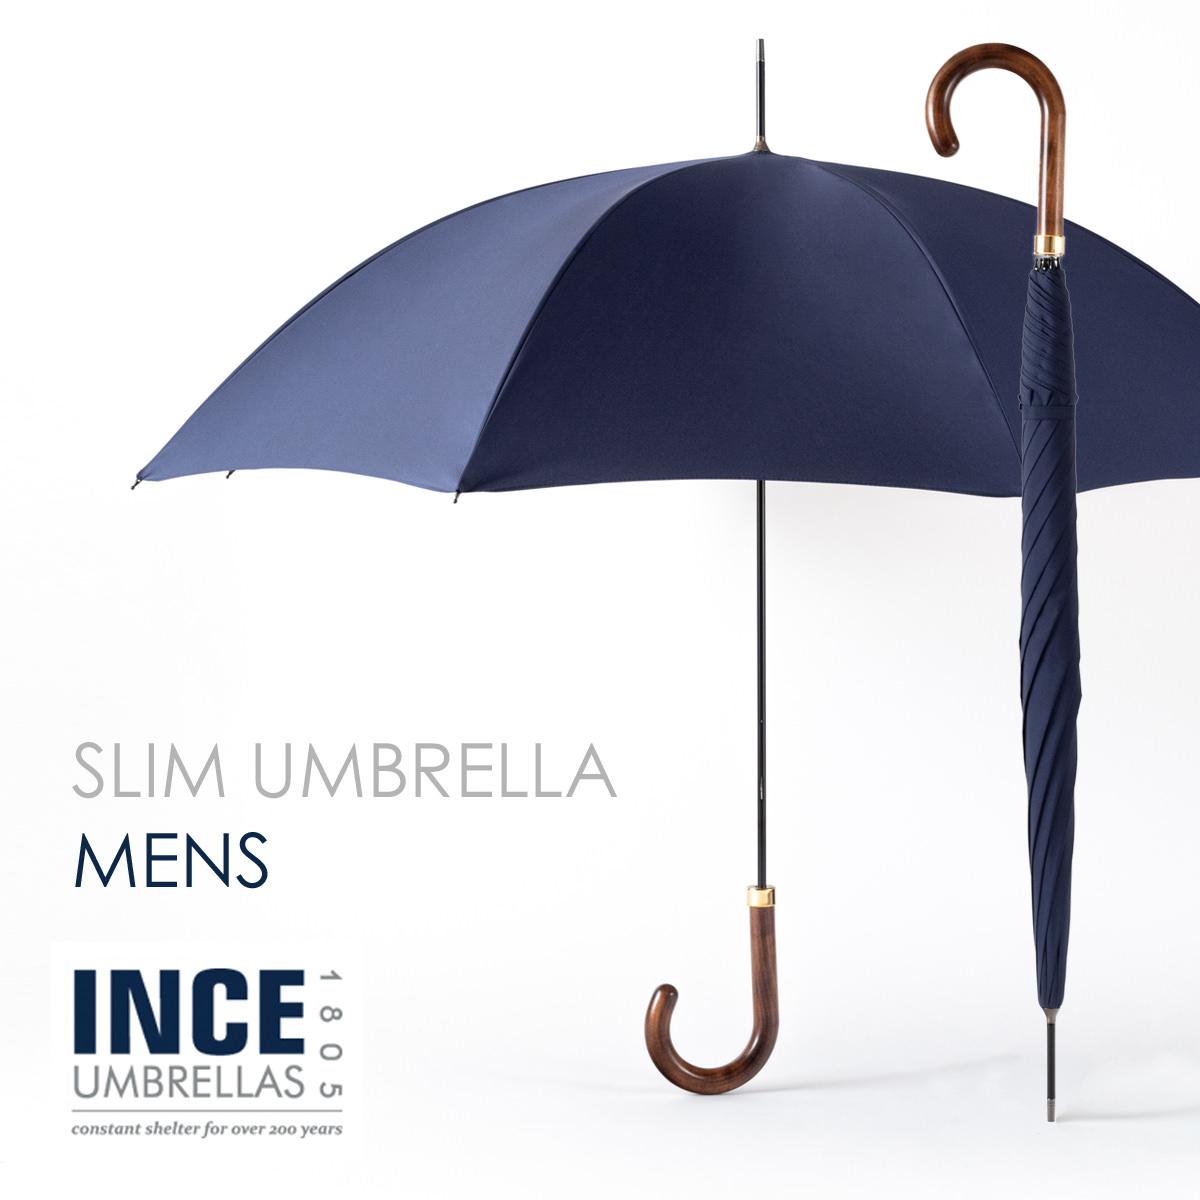 イギリスで最も長い歴史を持つ傘メーカーの細く華奢な傘 細い 丈夫 スタイリッシュ ハイセンス 高級 ウッド 木ハンドル メープル オシャレ ネイビー 紺 incegencs-frenchnavy INCE UMBRELLA 本日限定 City Slim French シティ メンズ ギフト 評価 Navy 日傘兼用 ロンドン かさ 2021 紳士 インスアンブレラ 新作 イギリス フレンチネイビー スリム トラッド 無地 長傘